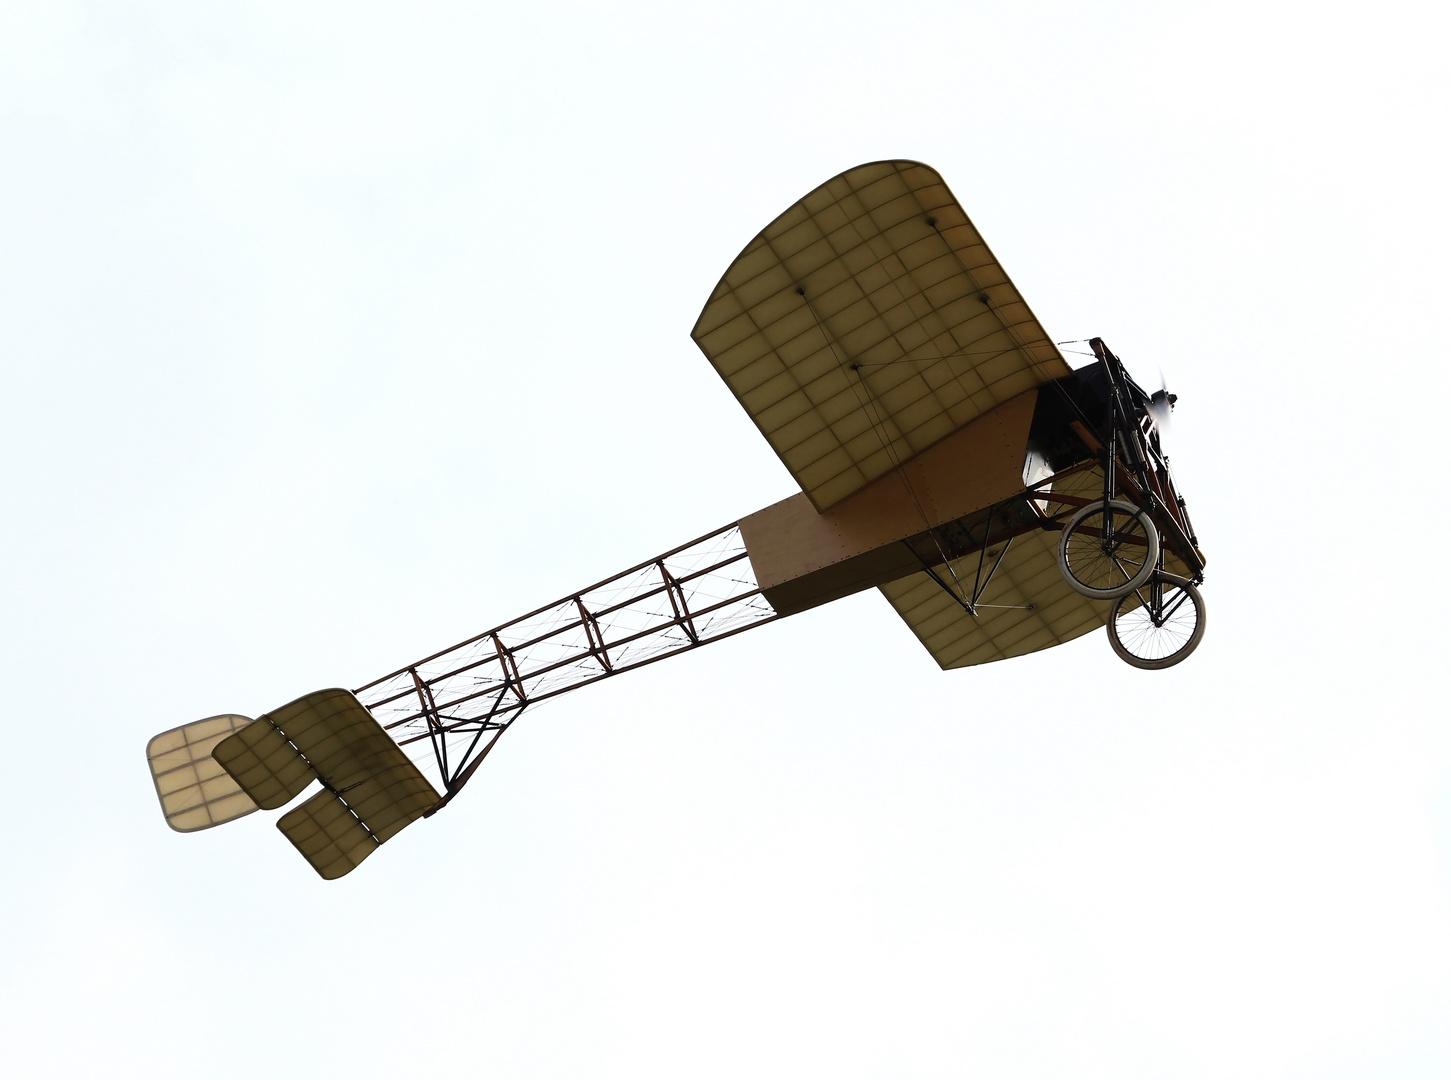 Bleriot XI im Überflug